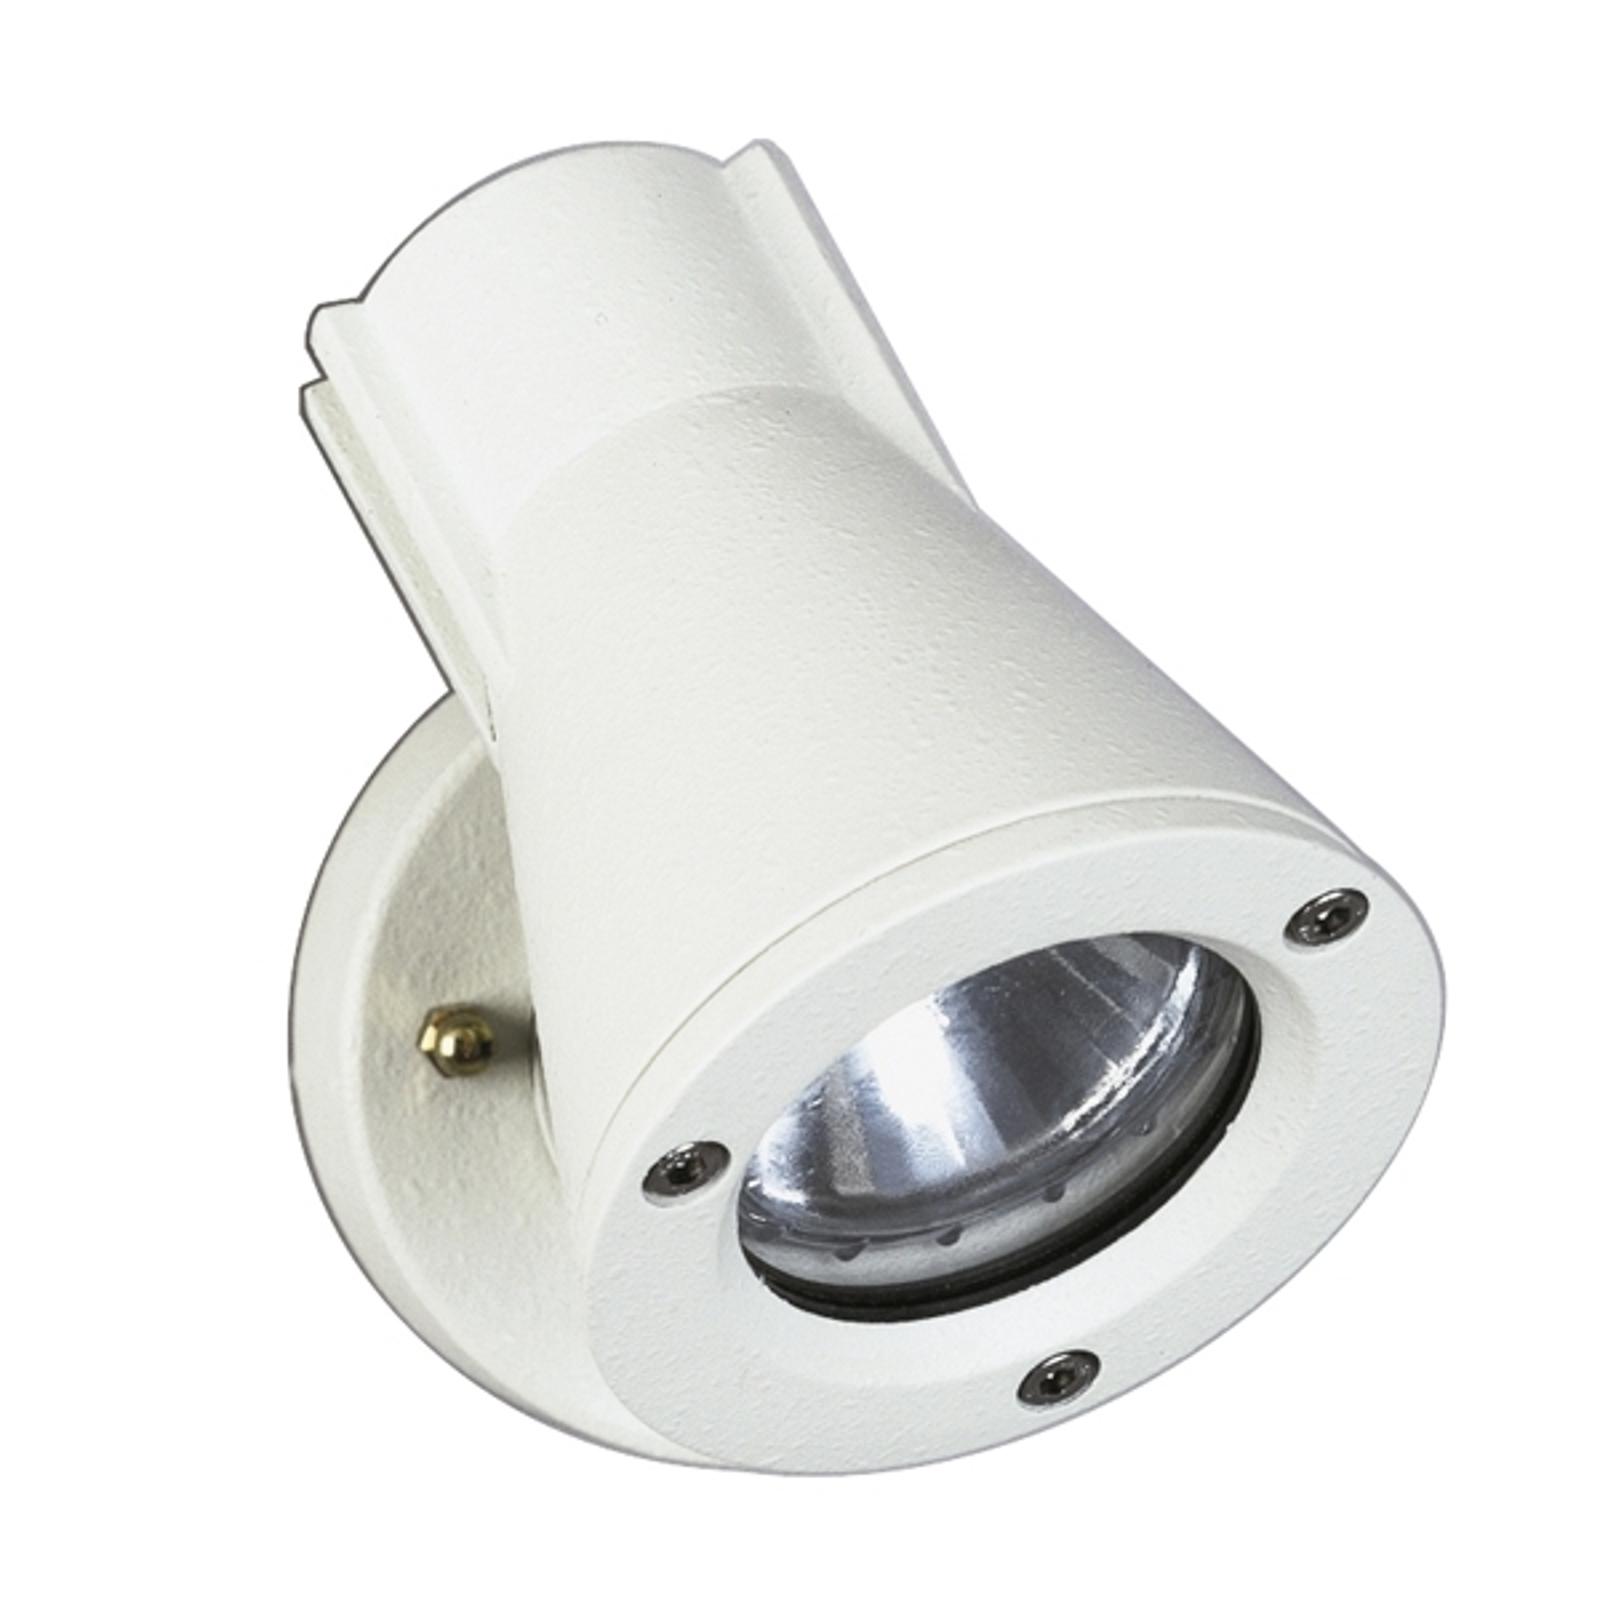 Zewnętrzny reflektor ścienny 639 W obrotowy